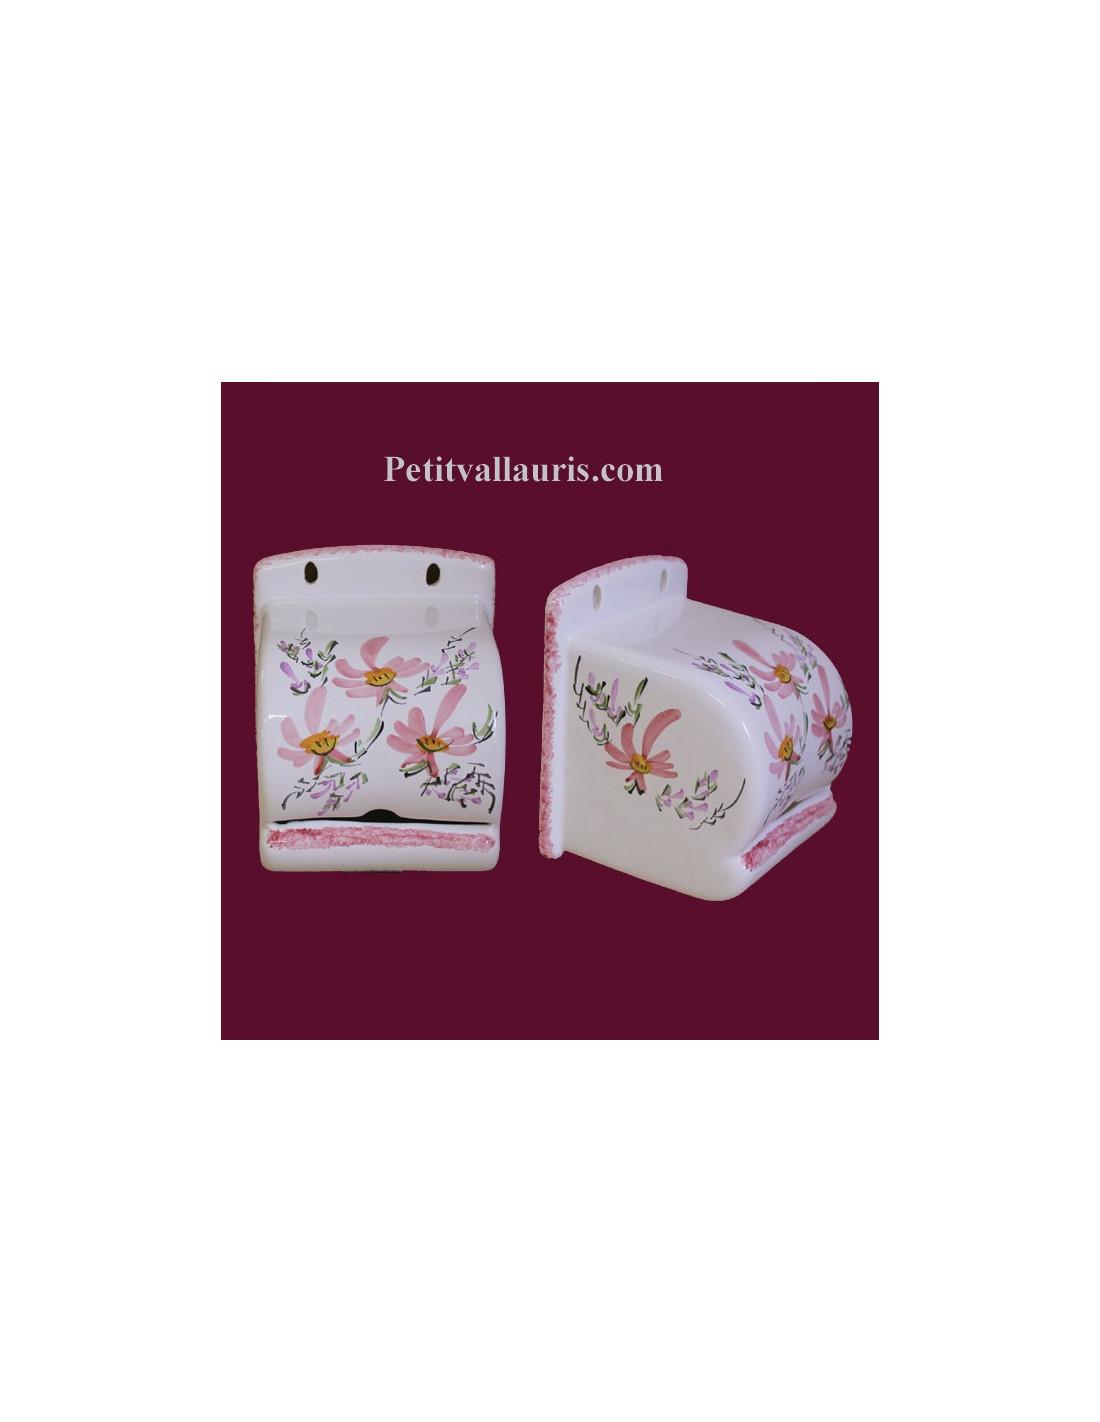 d rouleur de papier toilette d cor fleuri rose le petit vallauris. Black Bedroom Furniture Sets. Home Design Ideas